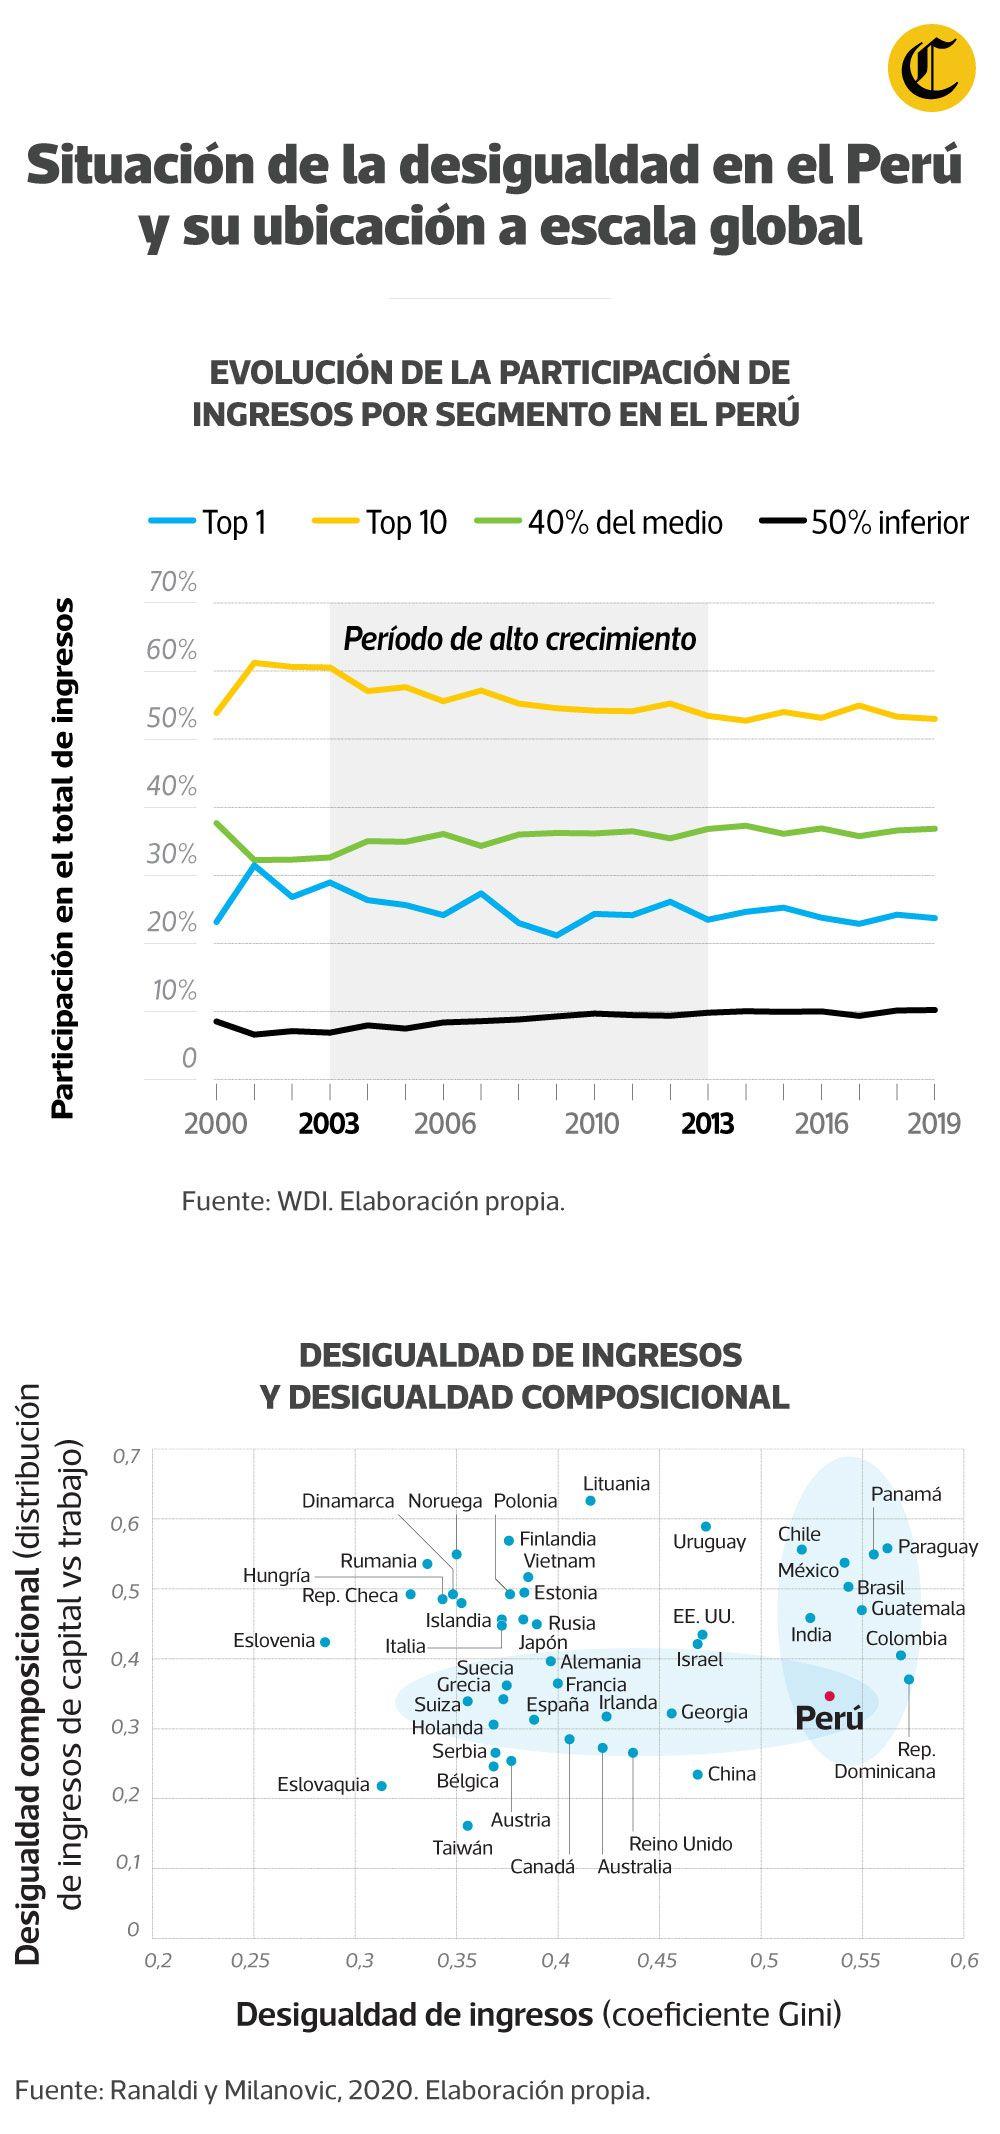 Situación de la desigualdad en el Perú. (Infografía: Jean Izquierdo)